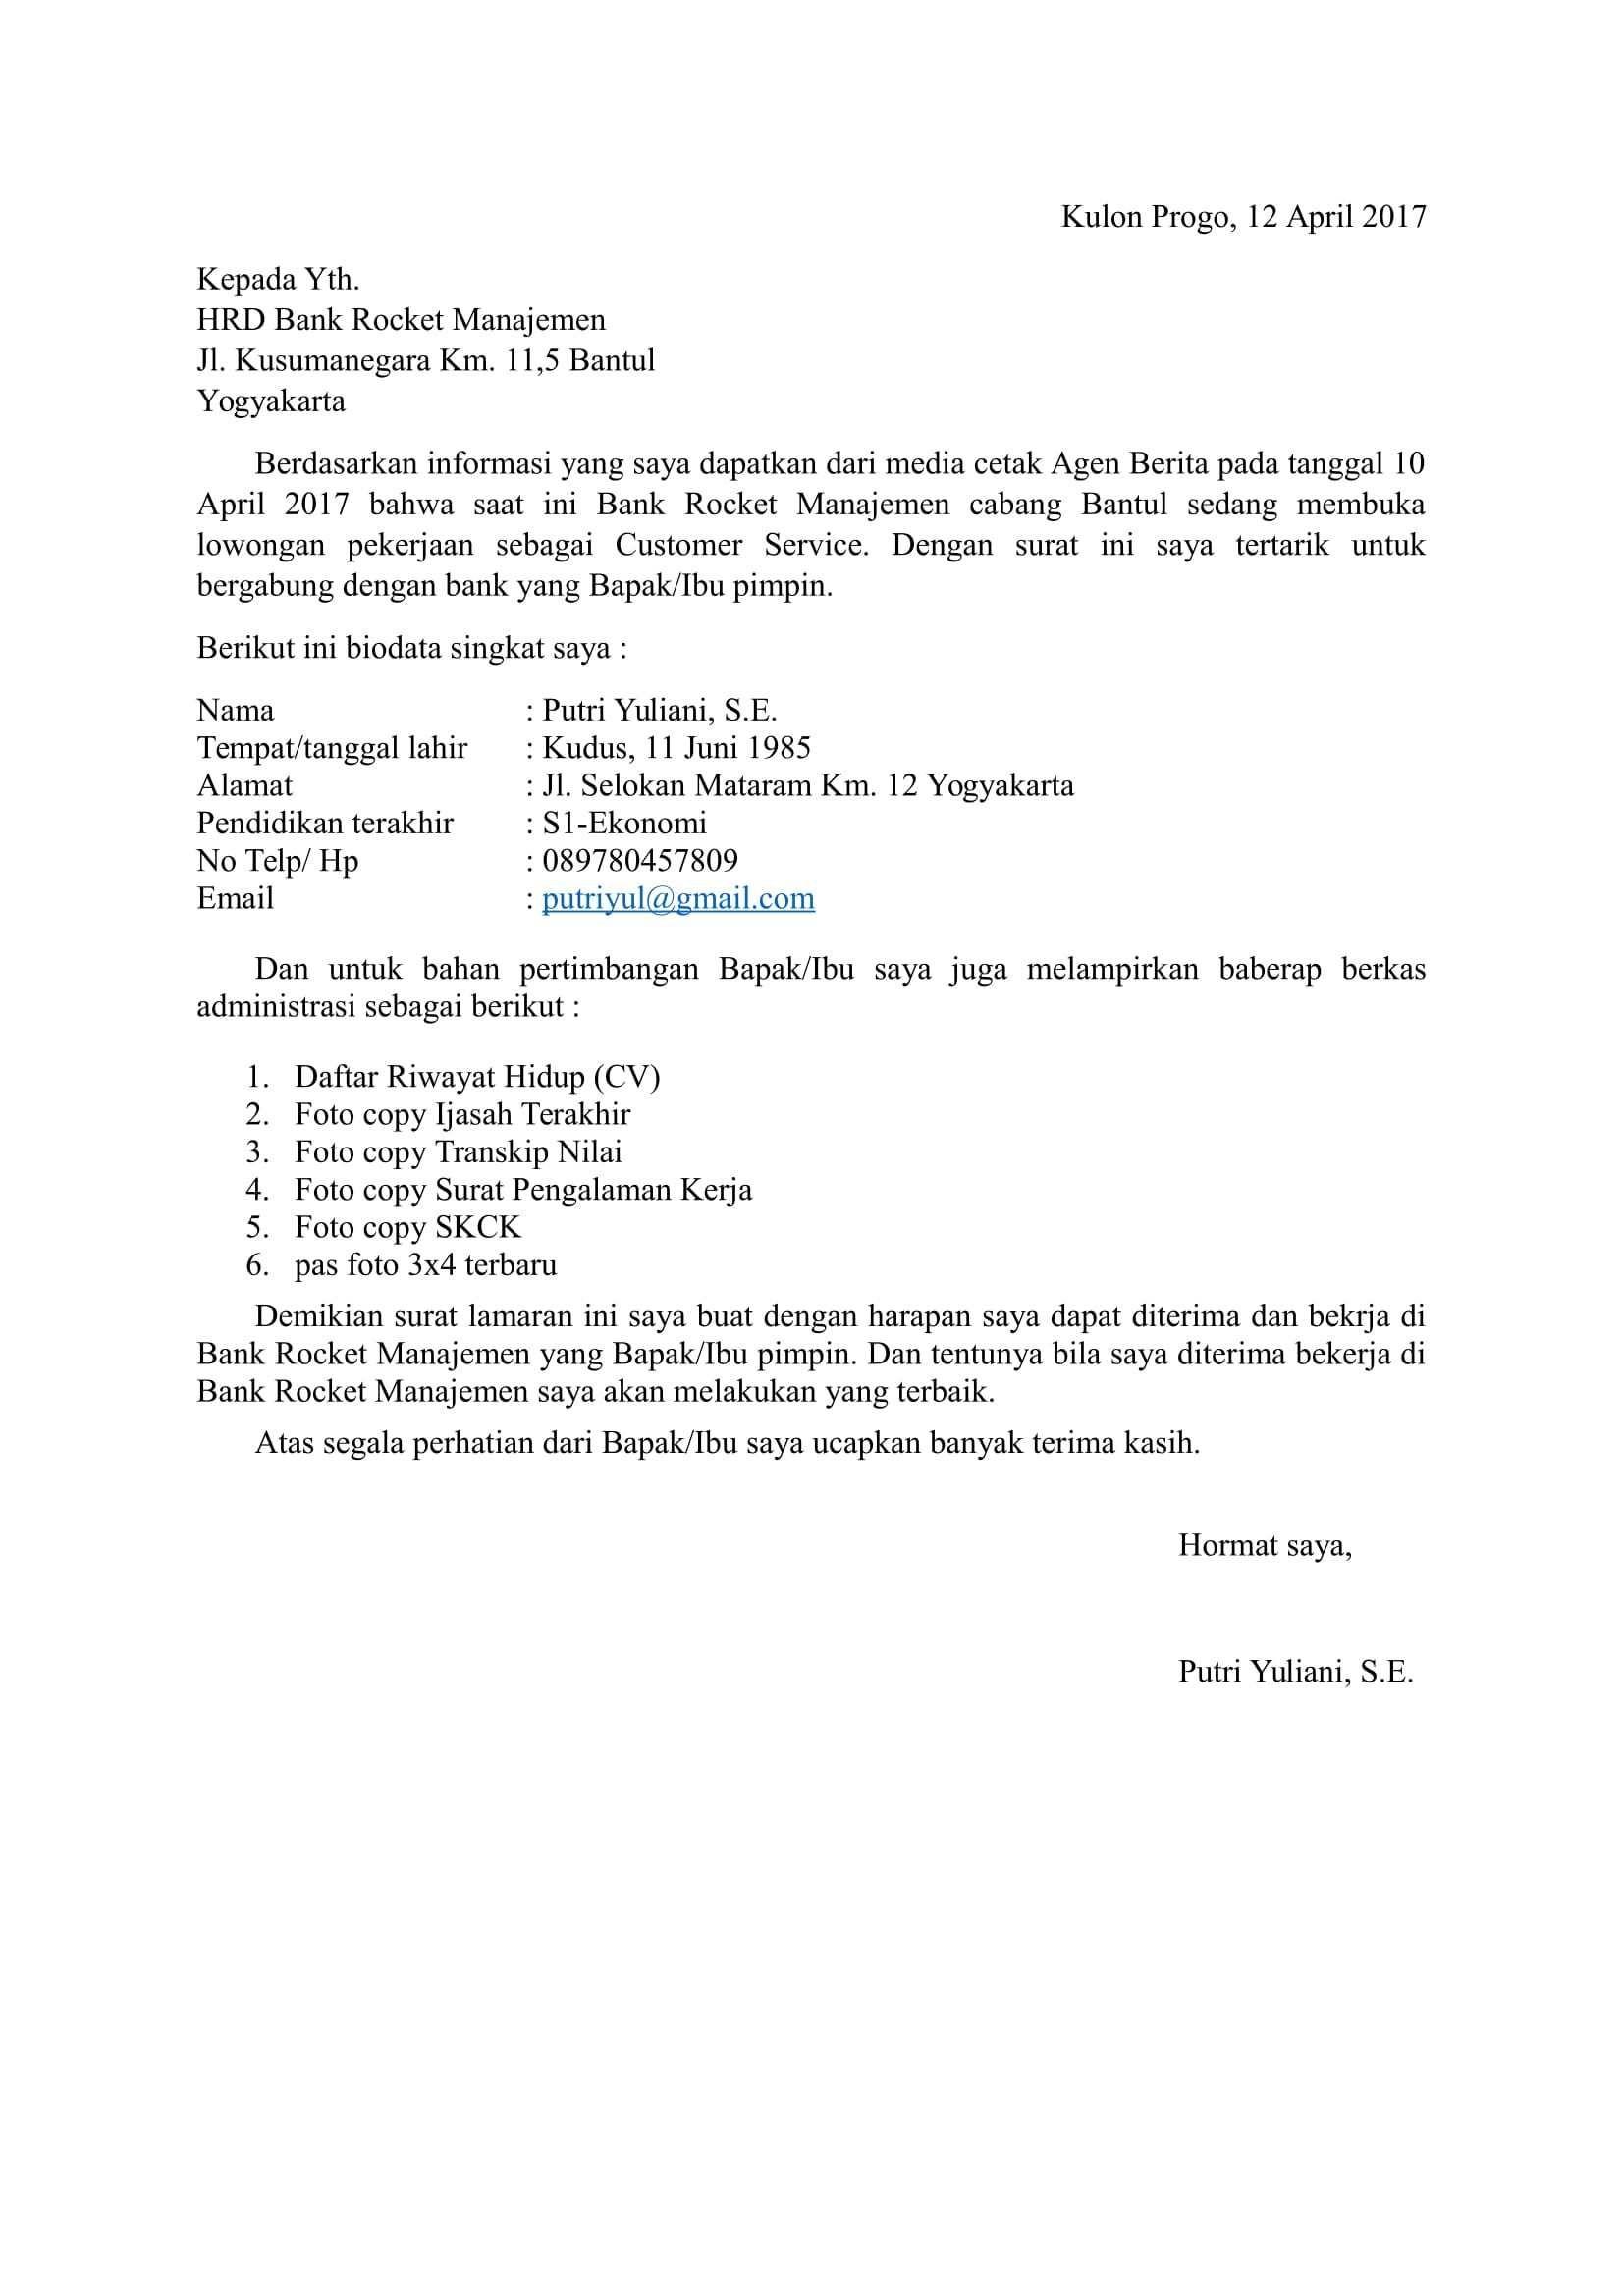 Contoh Surat Lamaran Kerja Di Bank Singkat Surat, Resume